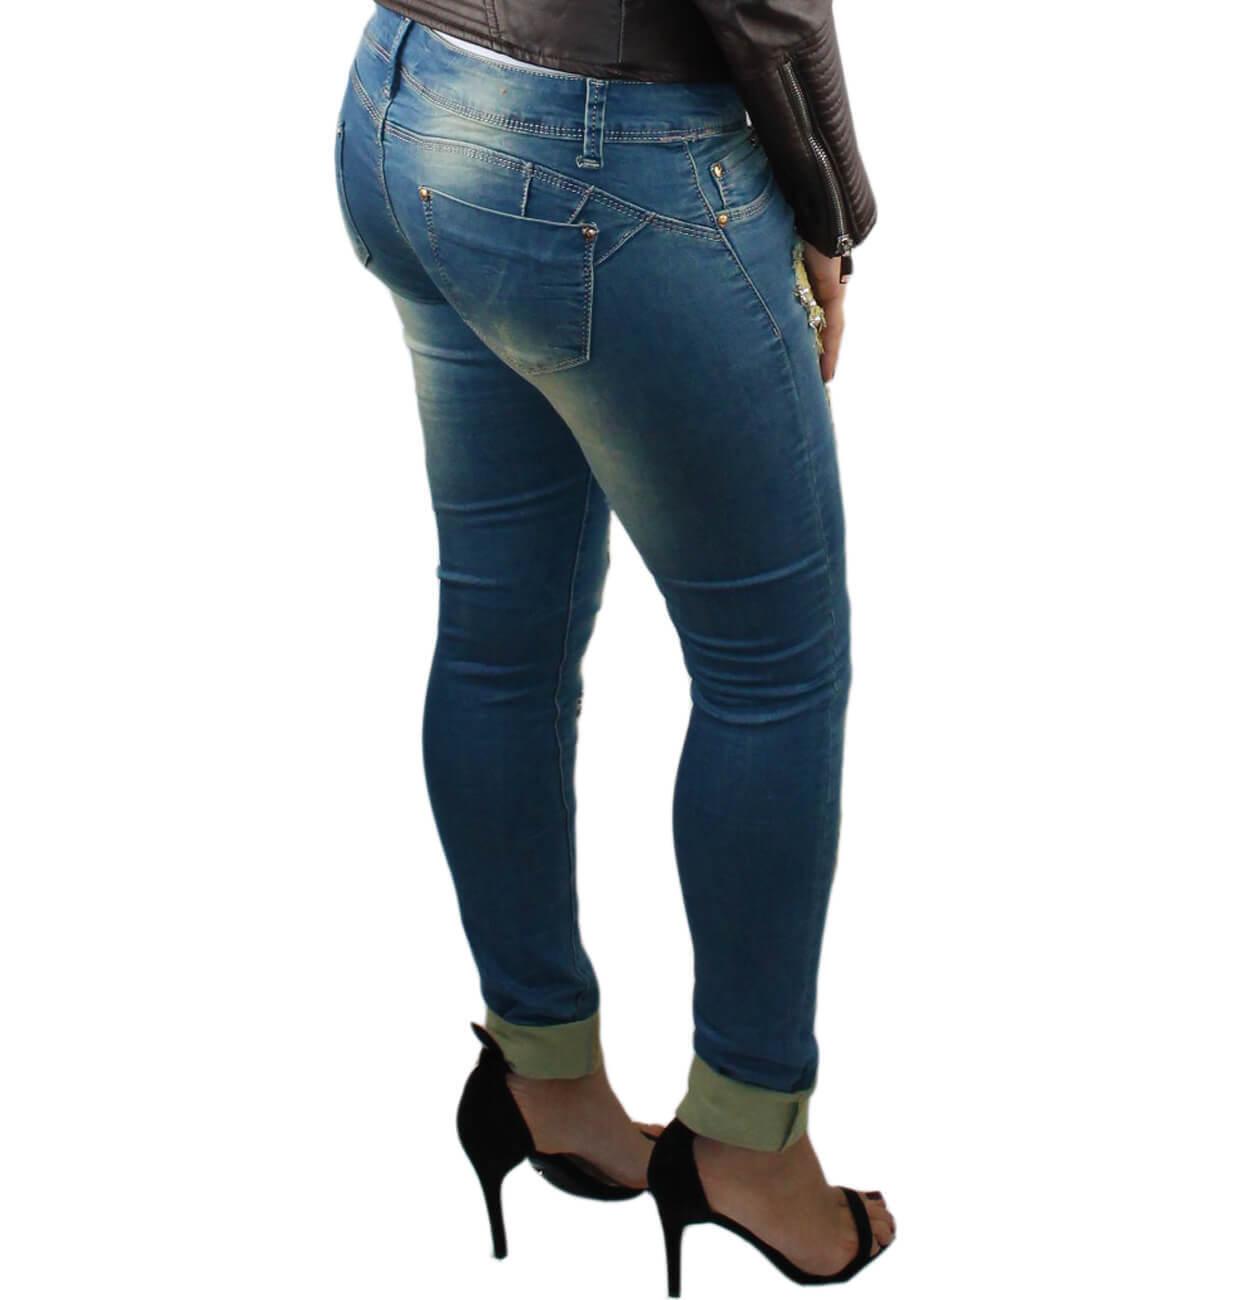 872e4c8c8c7c64 Jeans Donna vita bassa Slim fit strappati con perline e strass. Dettagli  Prodotto